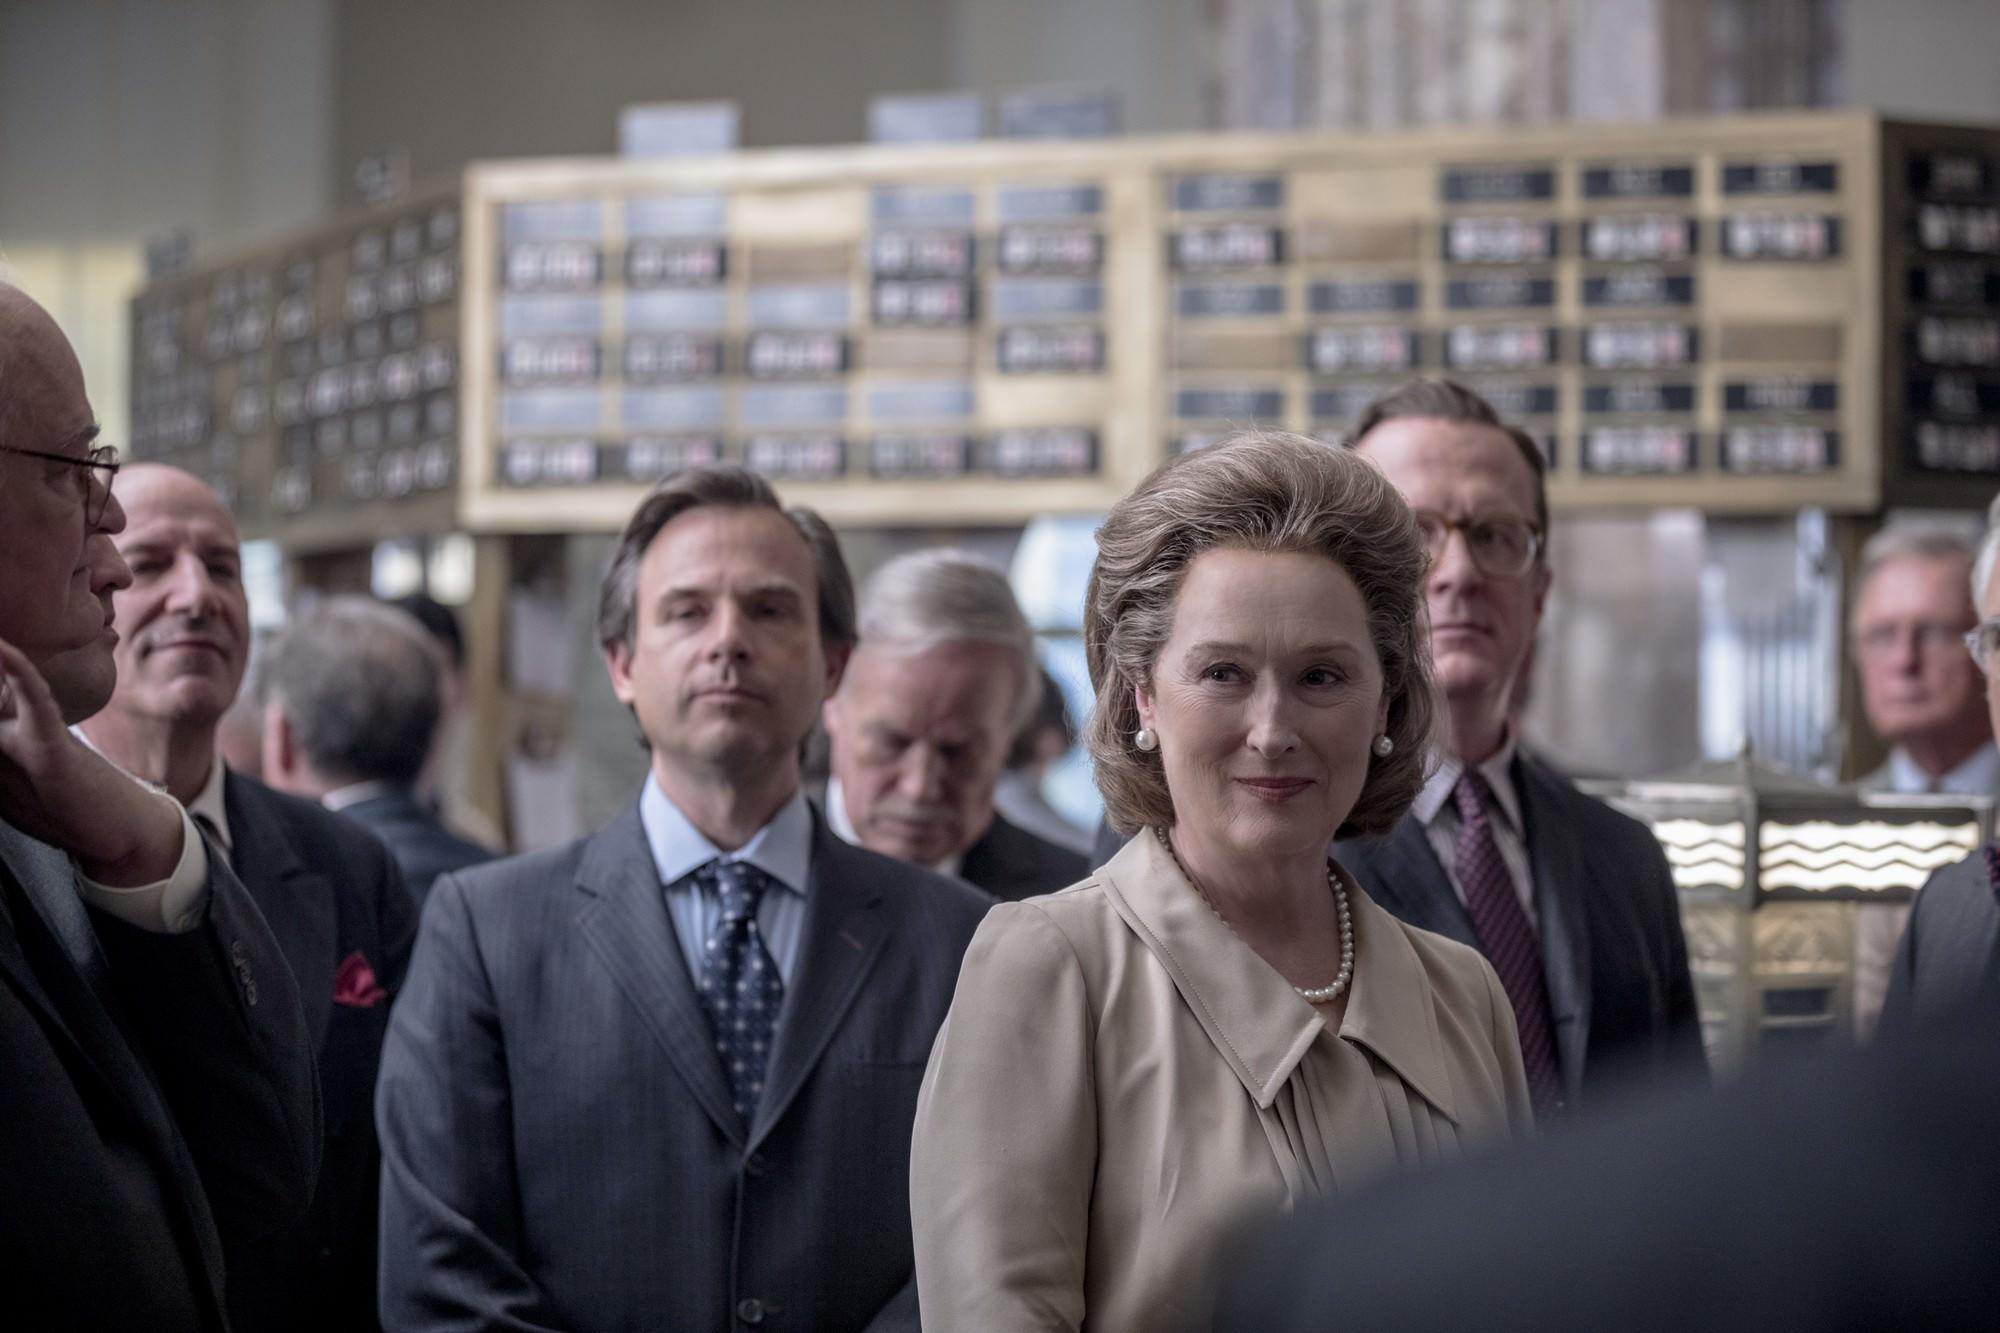 史蒂芬史匹柏 執導 電影 : 湯姆漢克斯 梅莉史翠普 合作 演出《 郵報 : 密戰 》 劇照